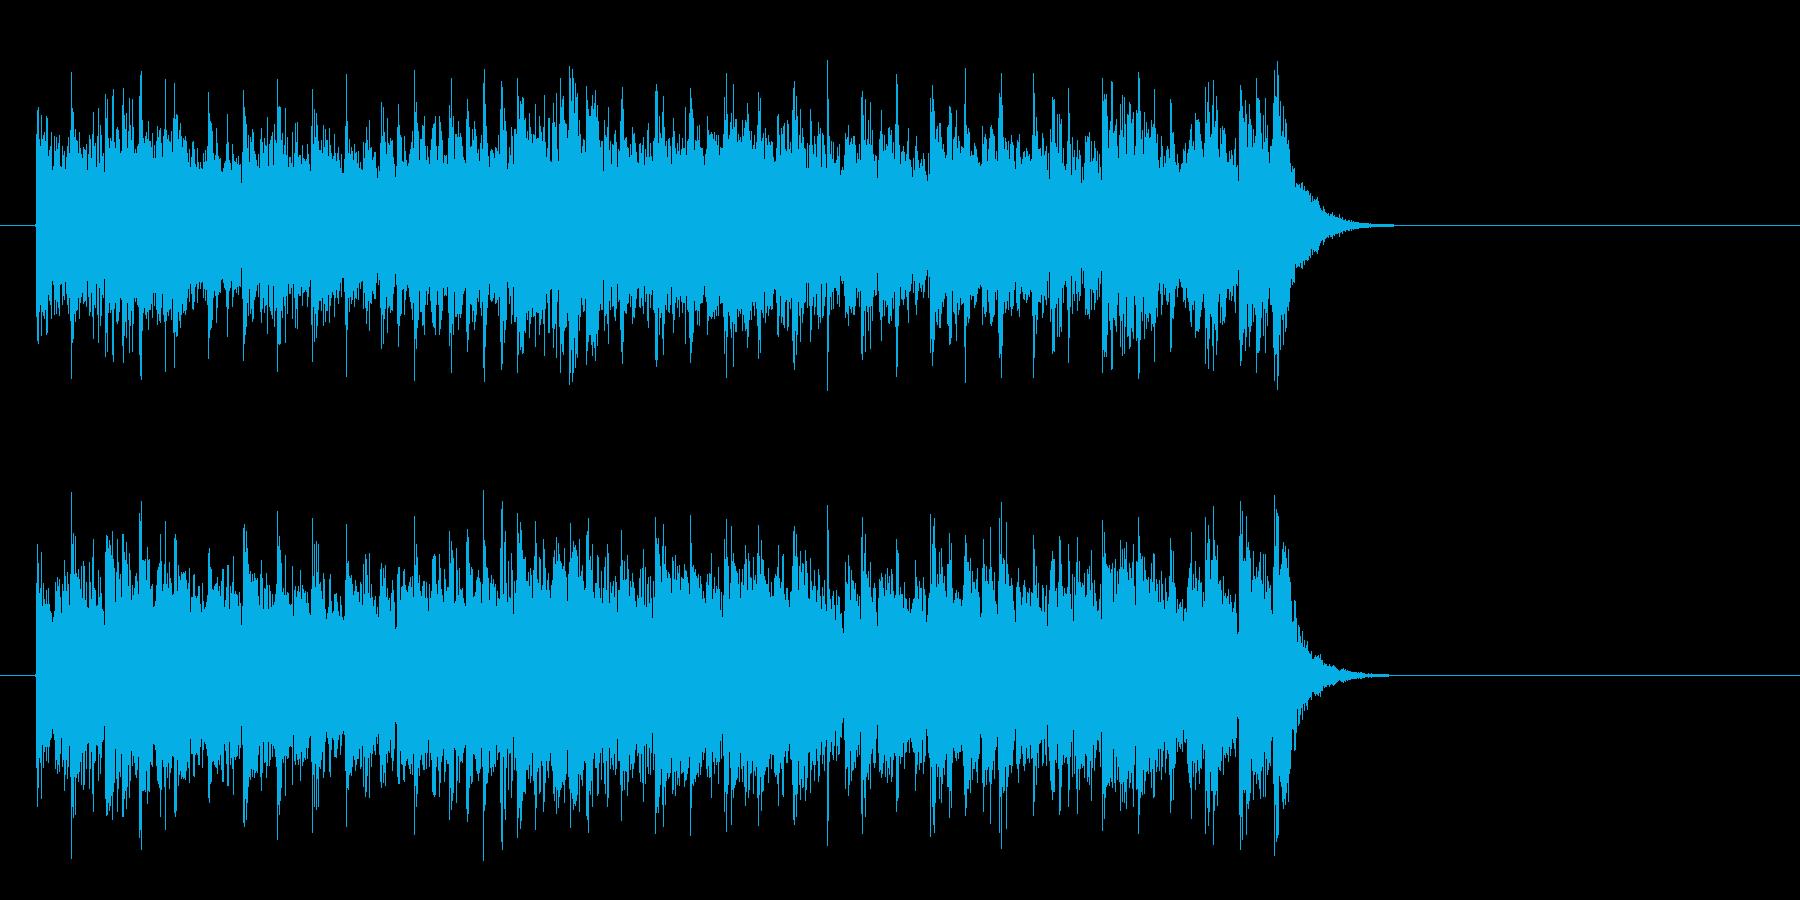 爽やかな歌謡曲風ポップス(サビ)の再生済みの波形